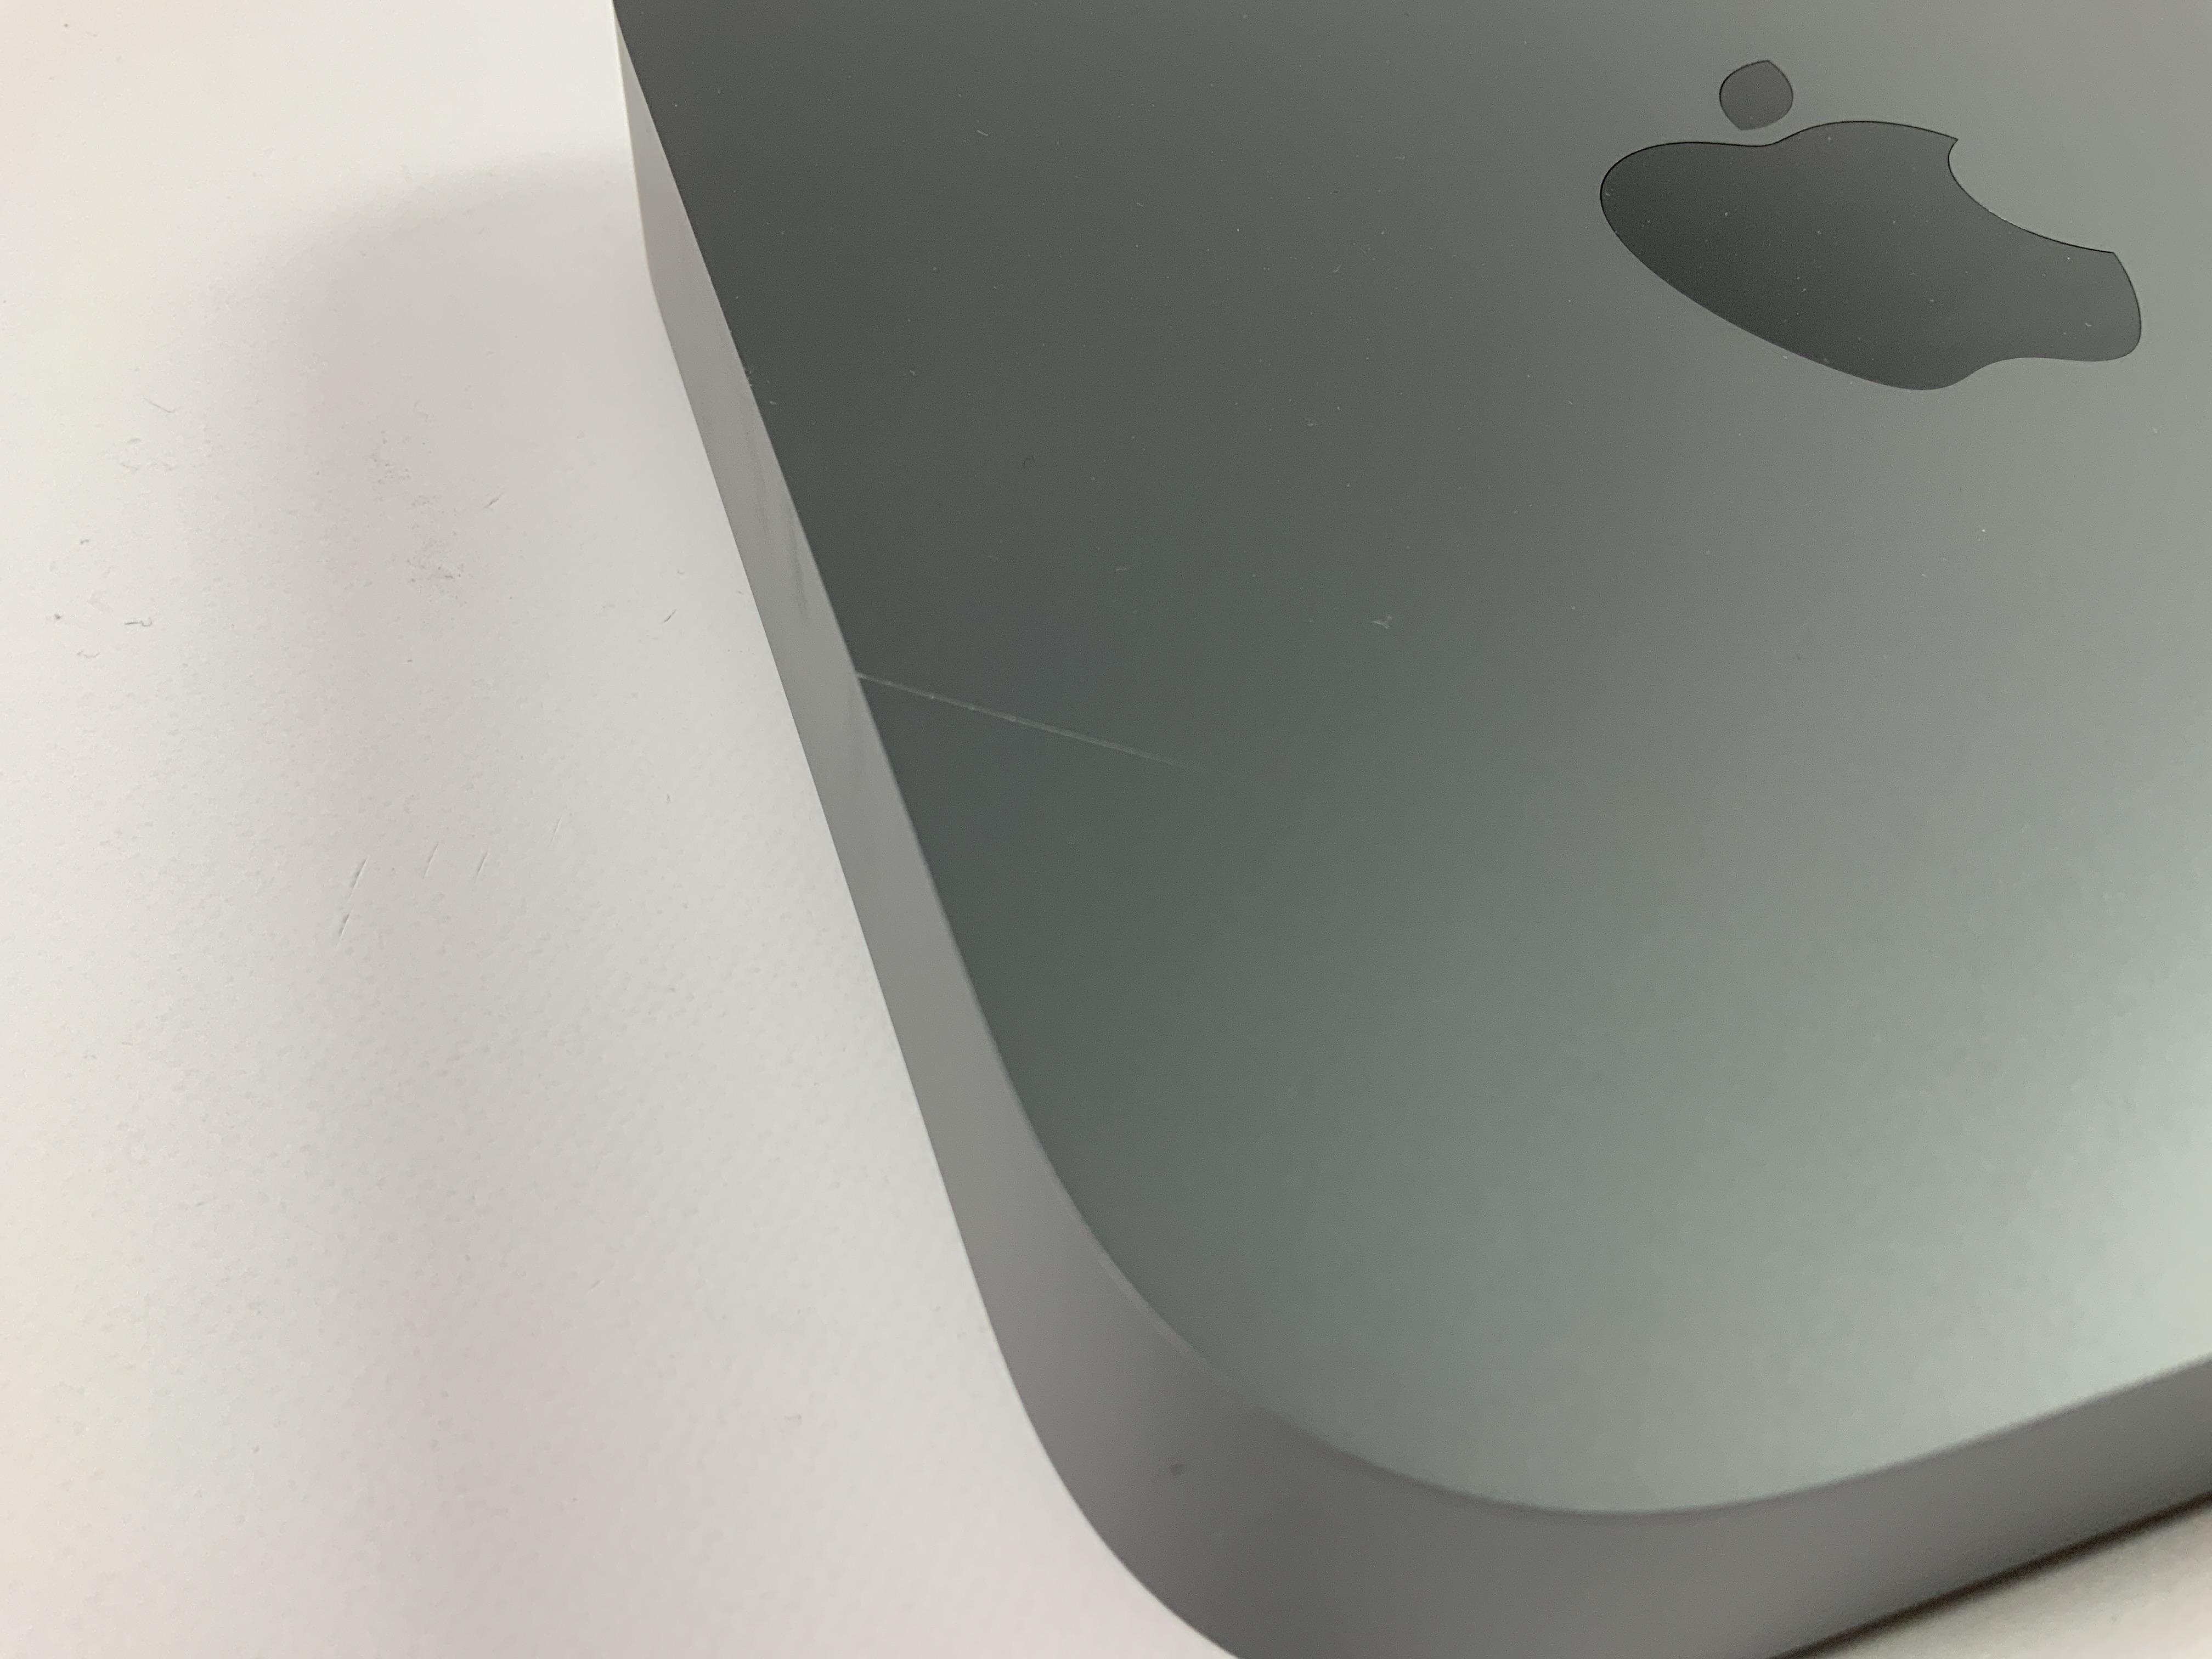 Mac Mini Early 2020 (Intel 6-Core i7 3.2 GHz 32 GB RAM 1 TB SSD), Intel 6-Core i7 3.2 GHz, 32 GB RAM, 1 TB SSD, Afbeelding 3